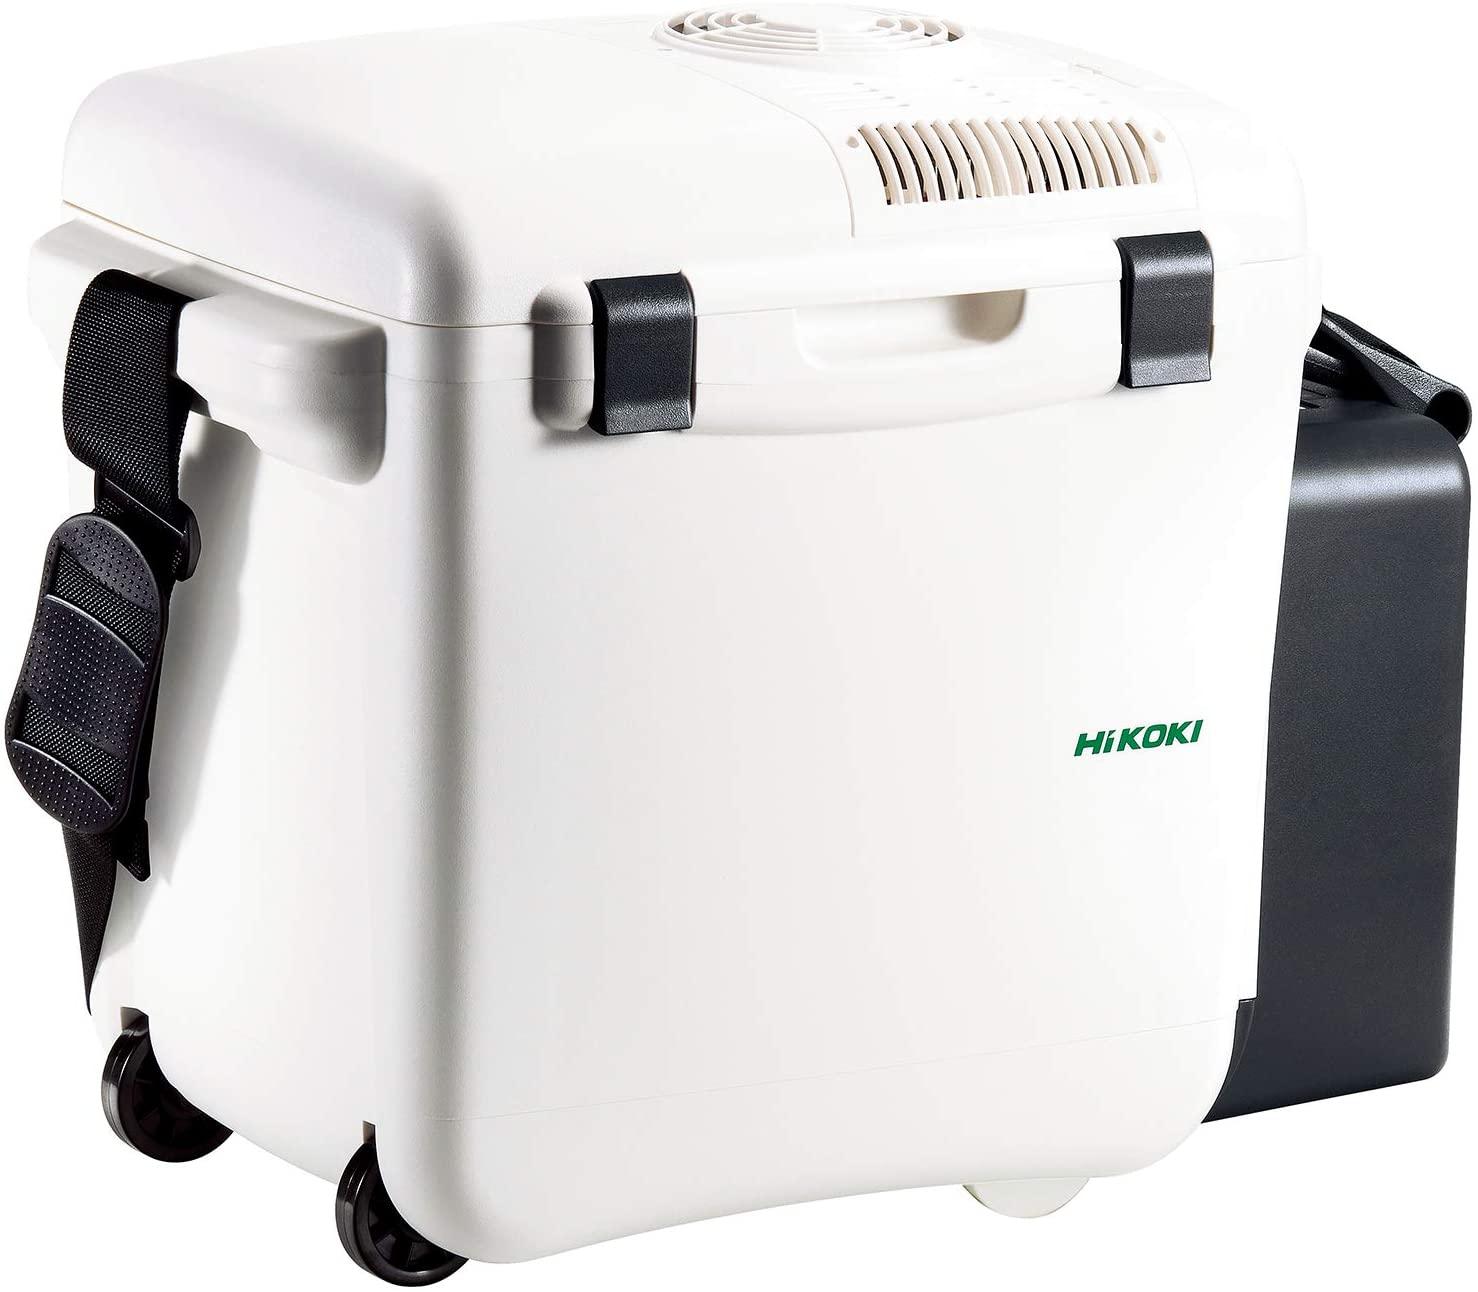 ハイコーキ 日立工機 UL18DA NM 充電式冷温庫 本体のみ 100V 18V 流行のアイテム 14.4V 10%OFF